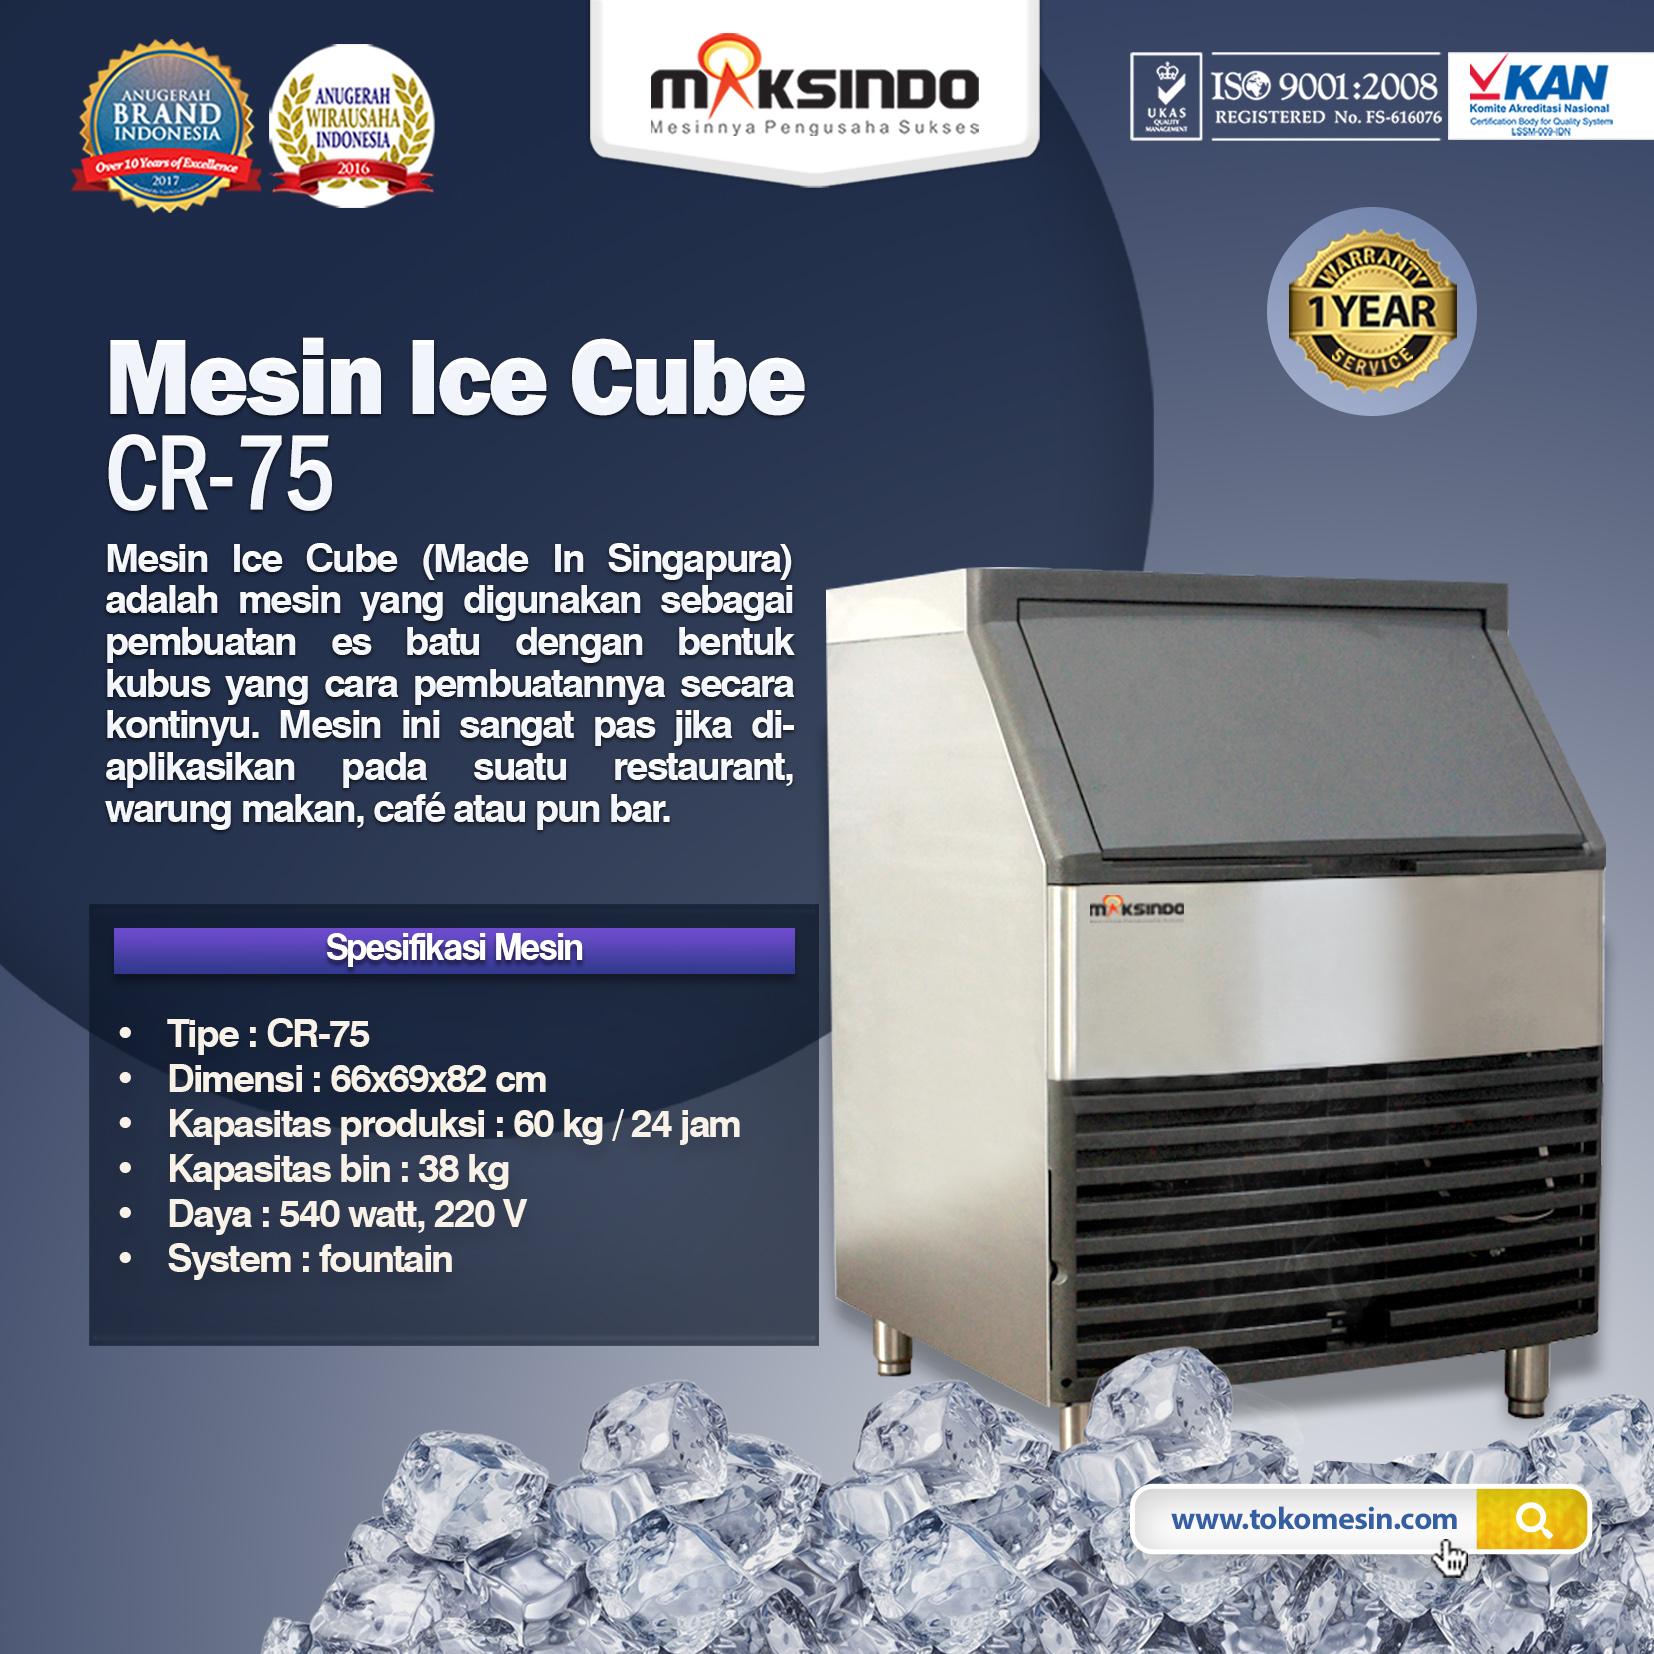 Mesin Ice Cube CR-75